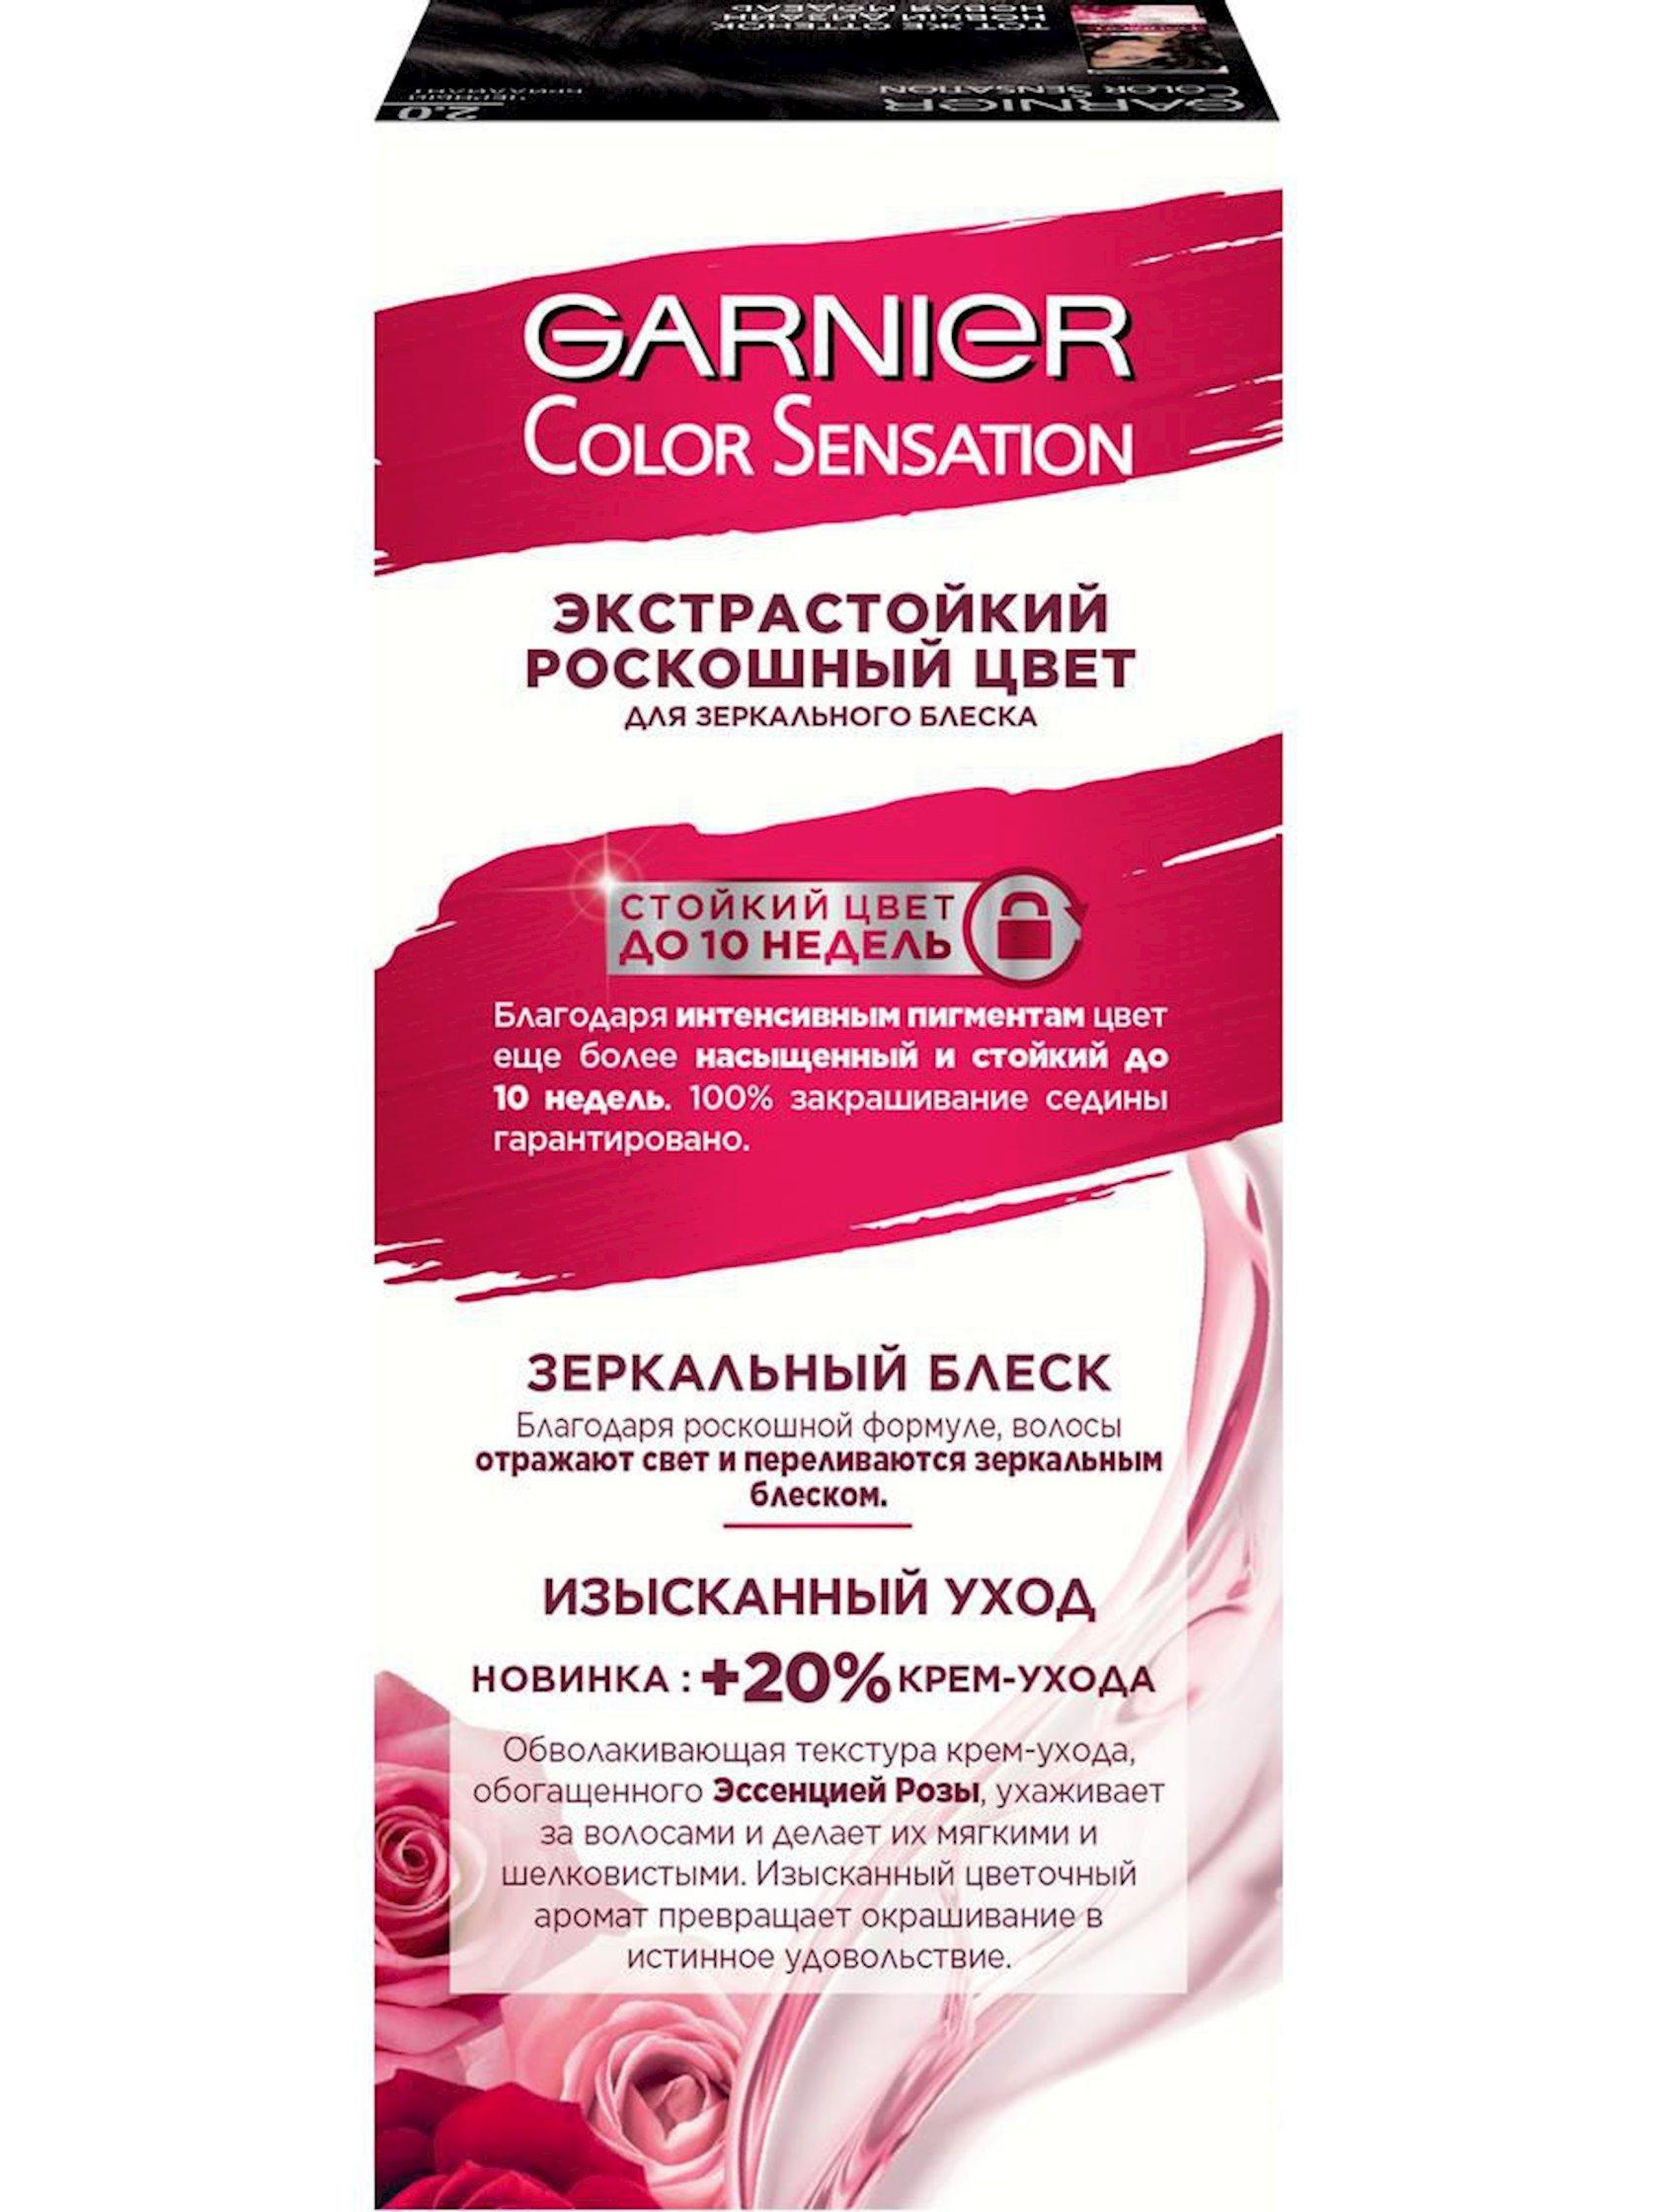 Saç üçün qalıcı krem-boya Garnier Color Sensation Dəbdəbəli rəng 2.0 Qara brilliant